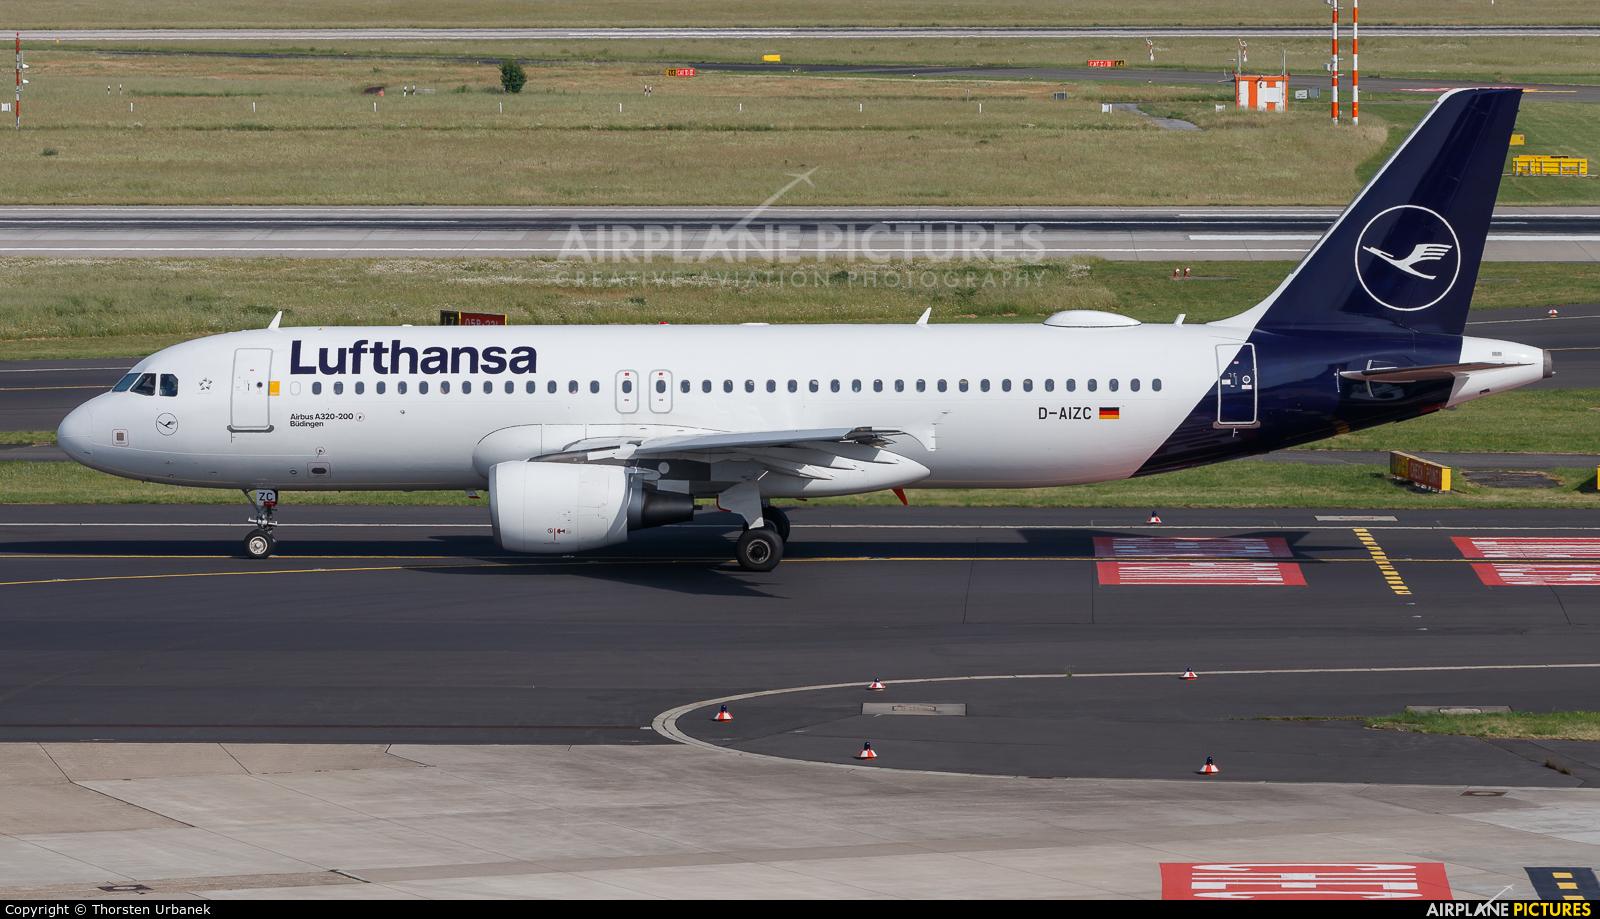 Lufthansa D-AIZC aircraft at Düsseldorf